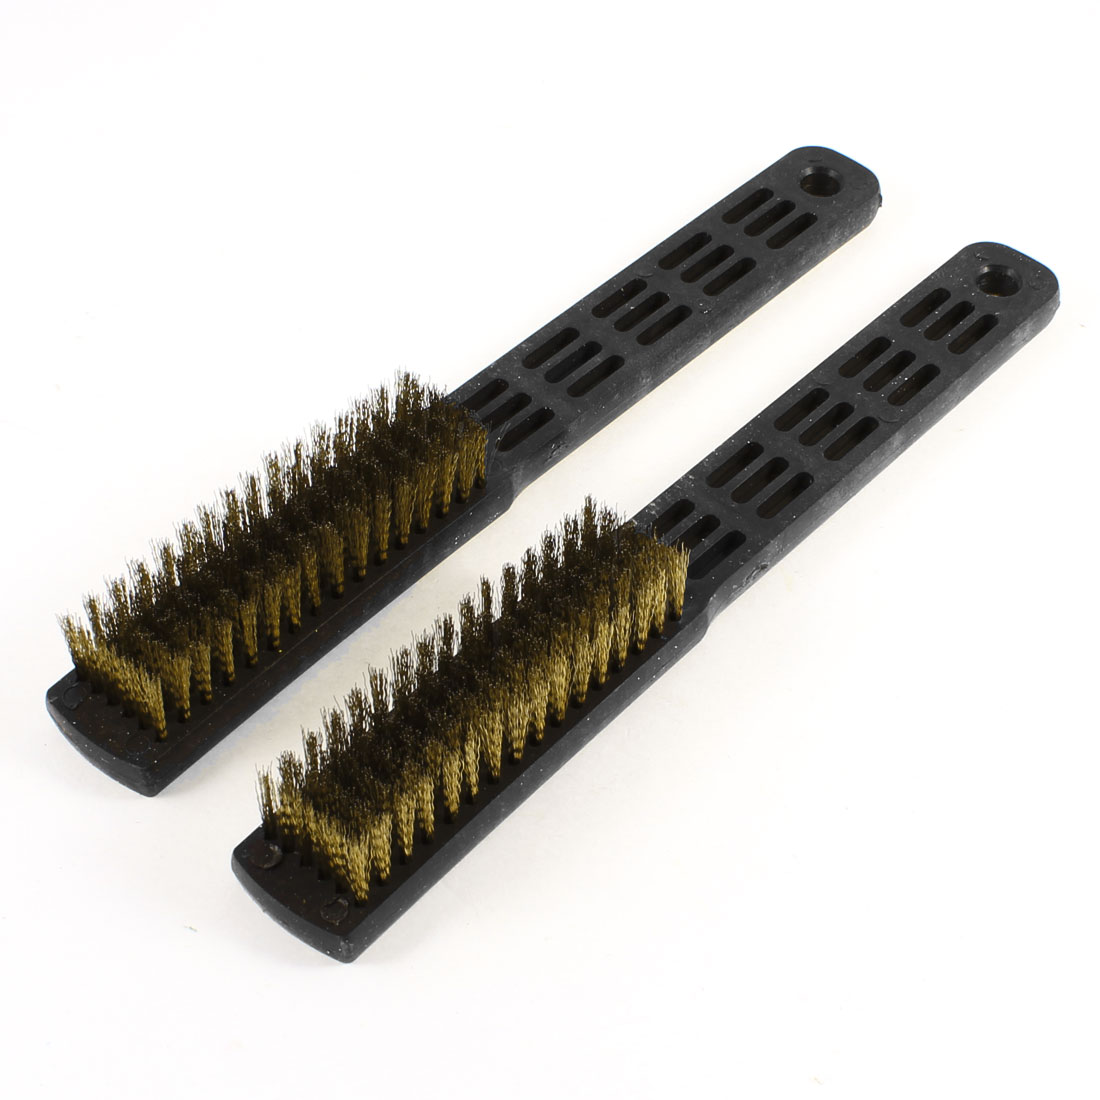 2 Pcs 12cm Long 6 Rows Steel Bristle Plastic Handle Wire Scratch Brush